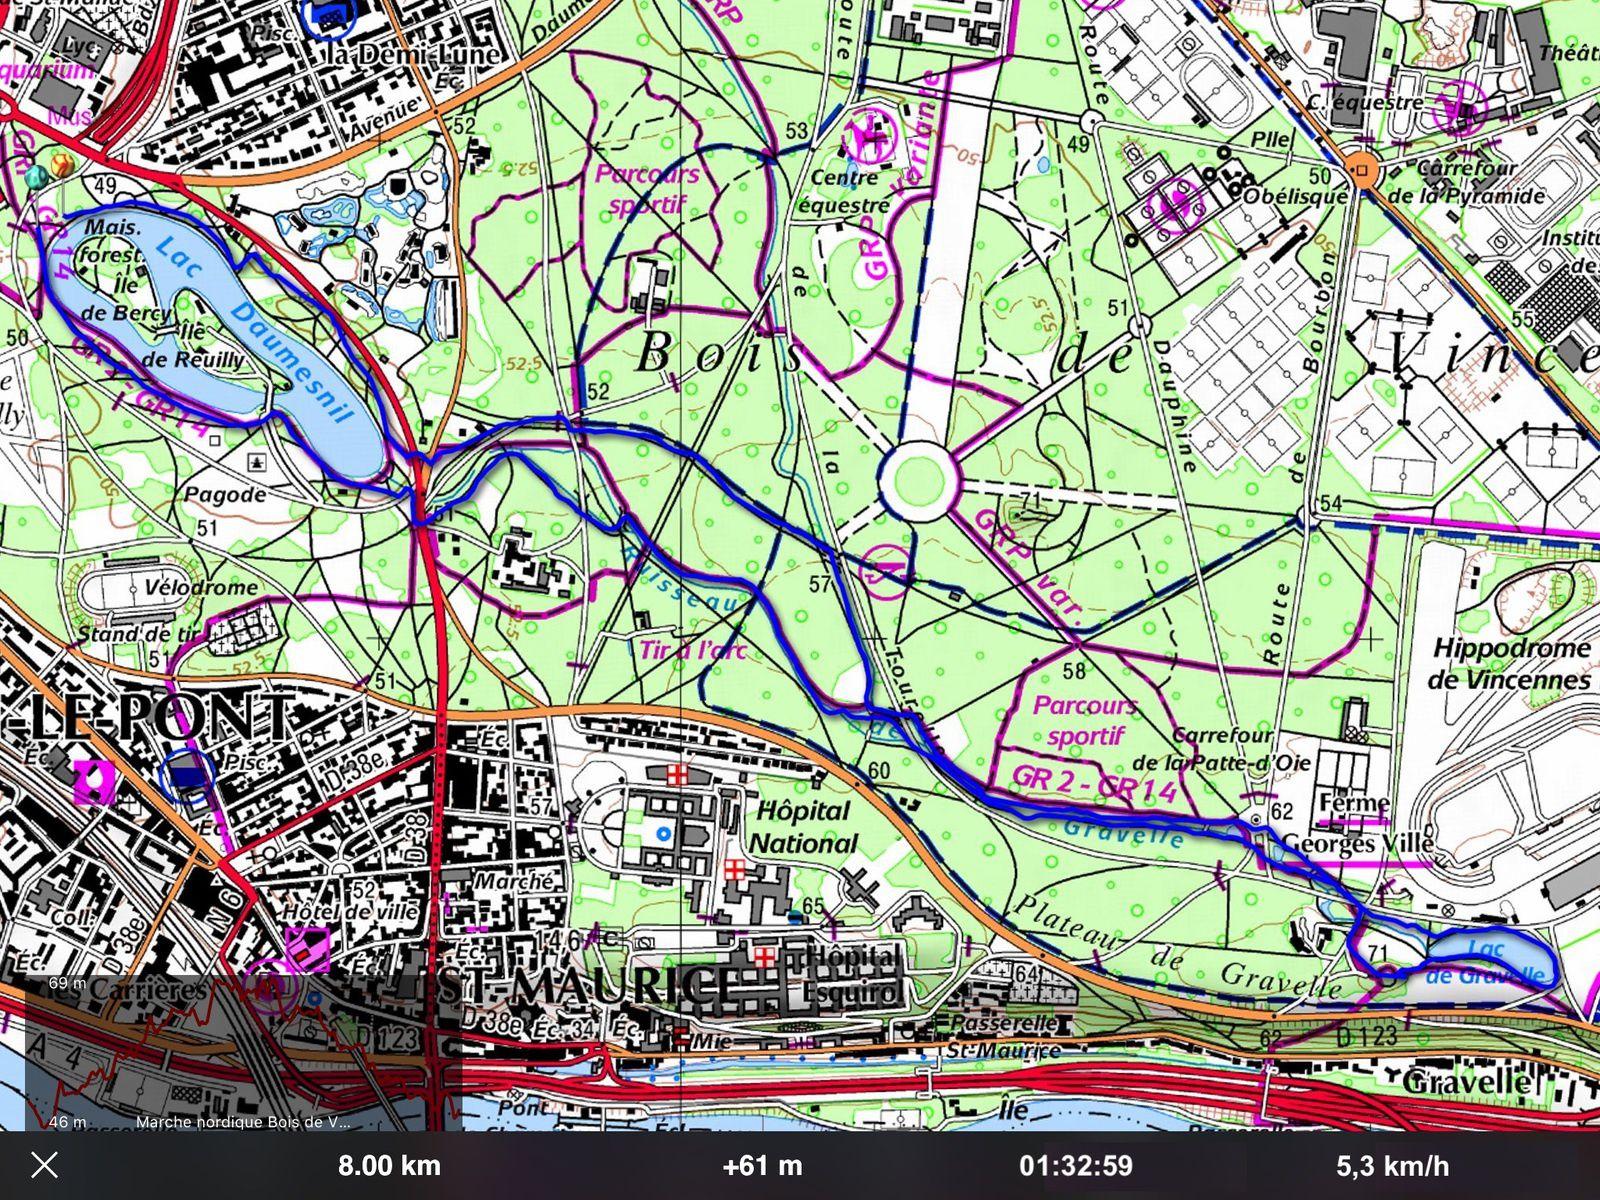 Marche Nordique au Bois de Vincennes - 8 km.